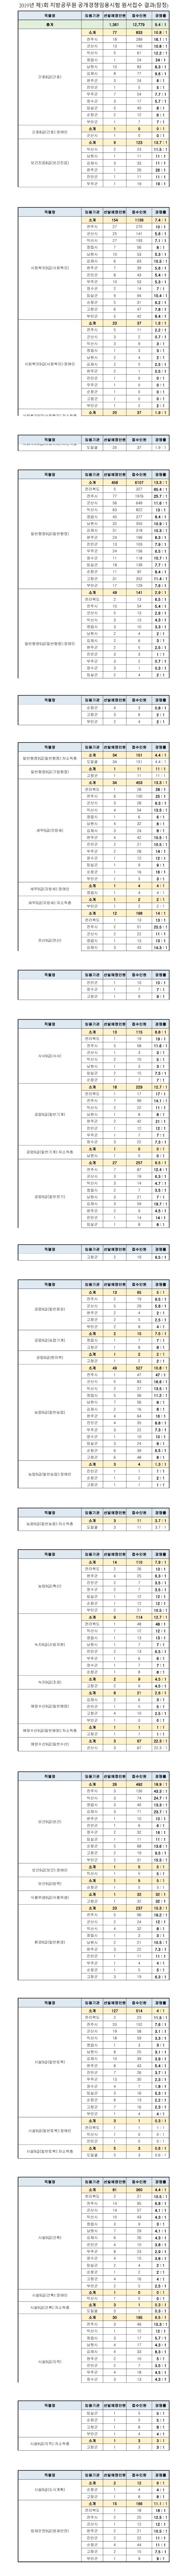 190507_전북_경쟁률.jpg